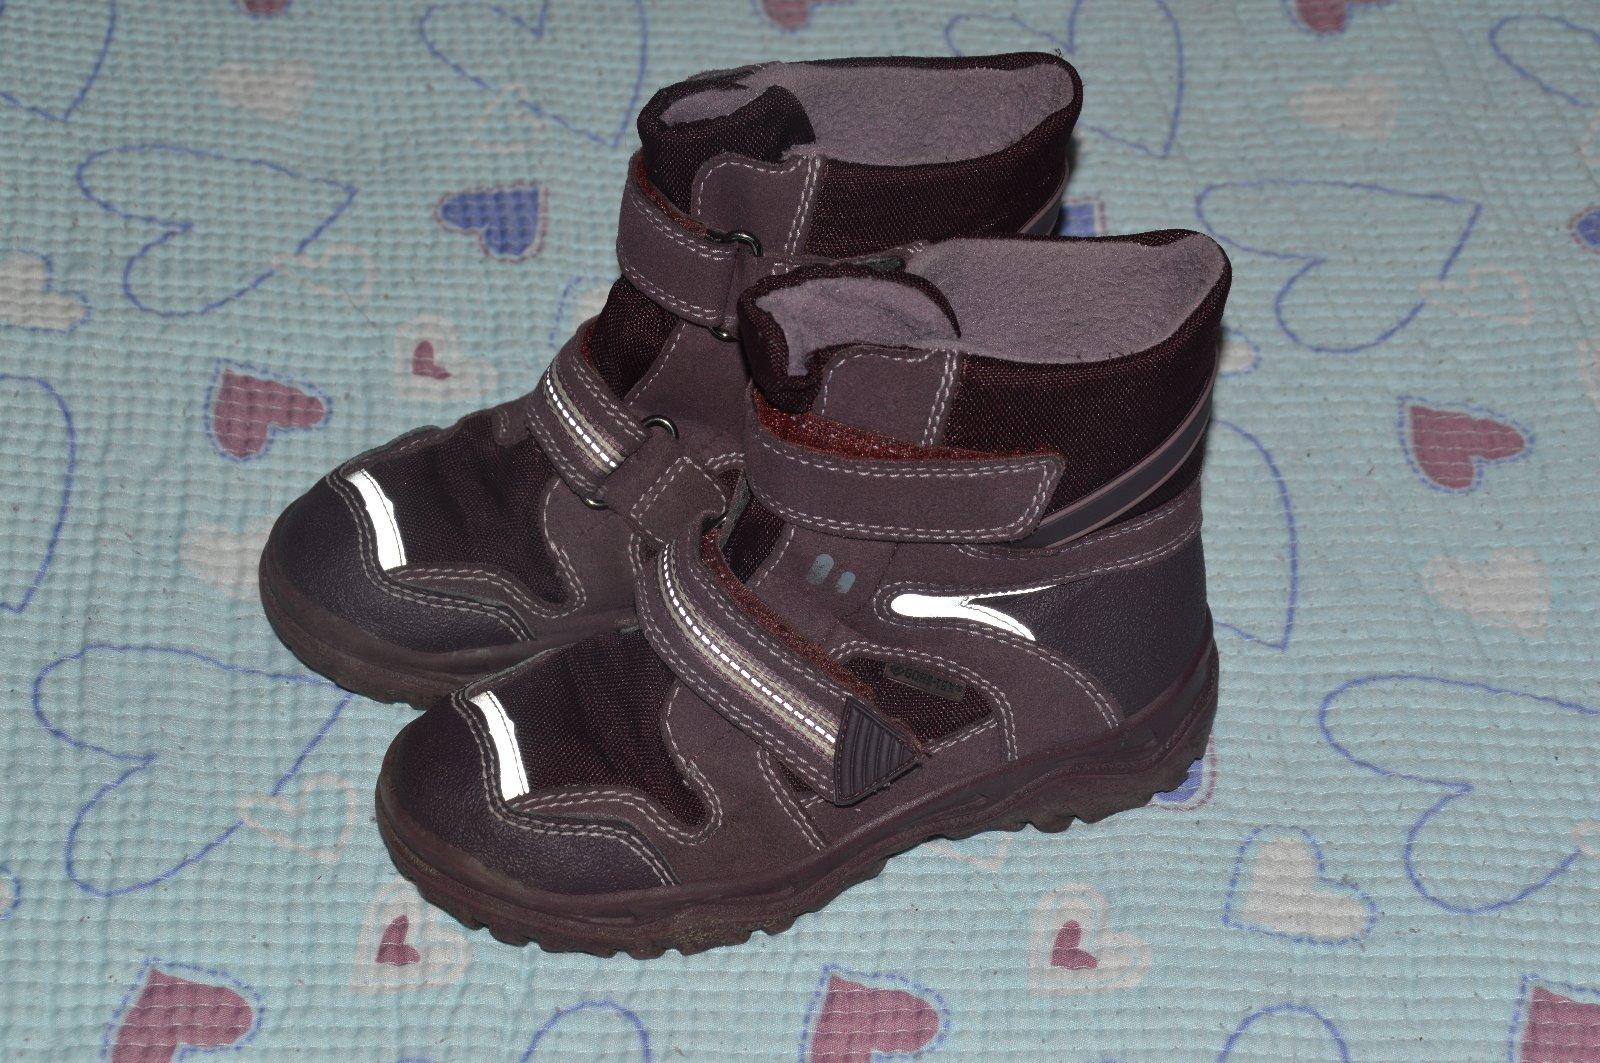 831087efb63 Nepromokavé zimní boty goretex gore tex